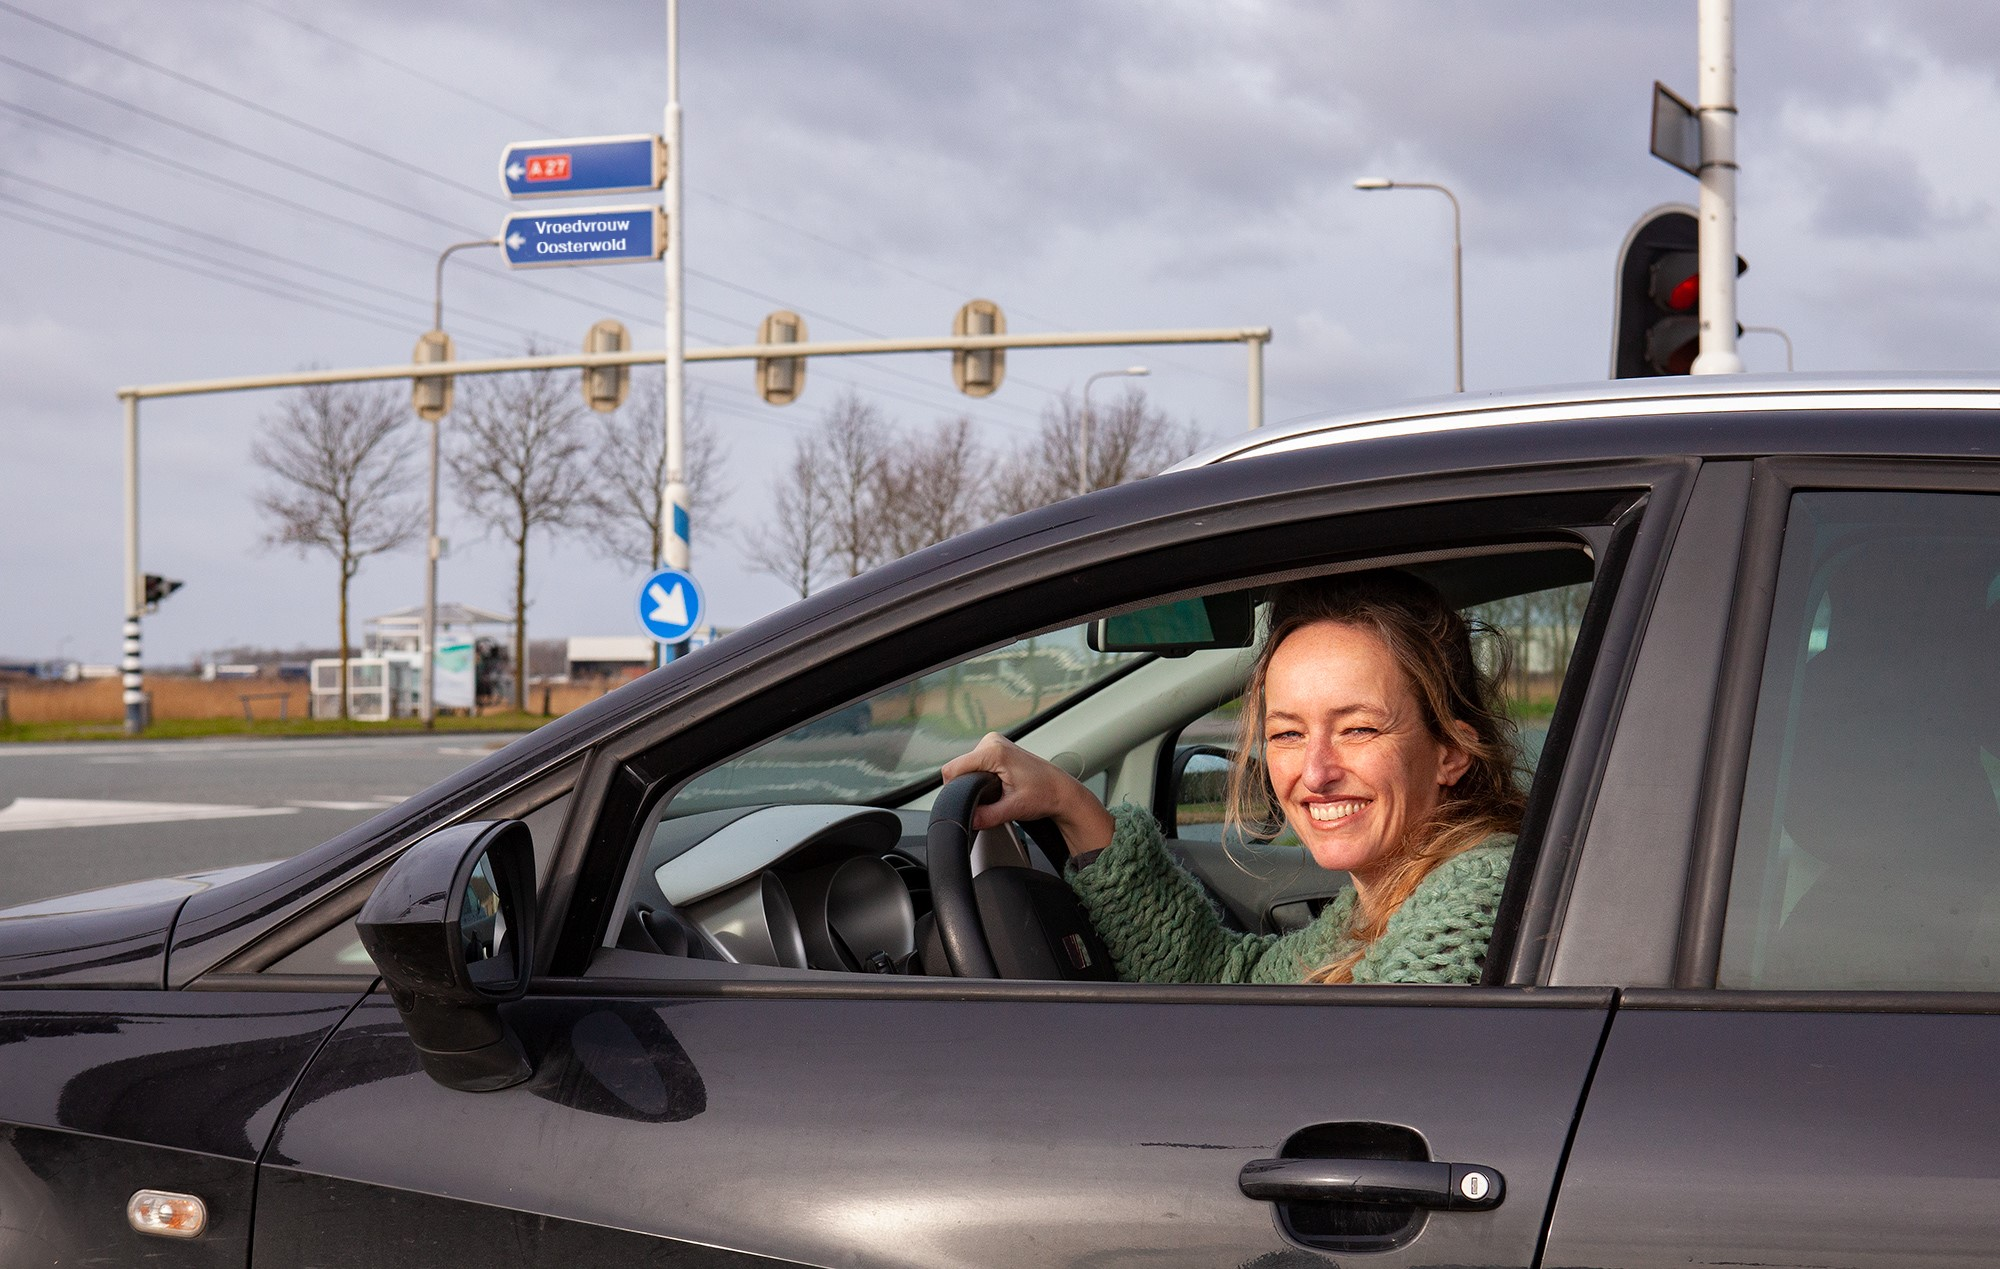 Michelle achter het stuur van haar auto rijdend in de richting van 'vroedvrouw oosterwold'